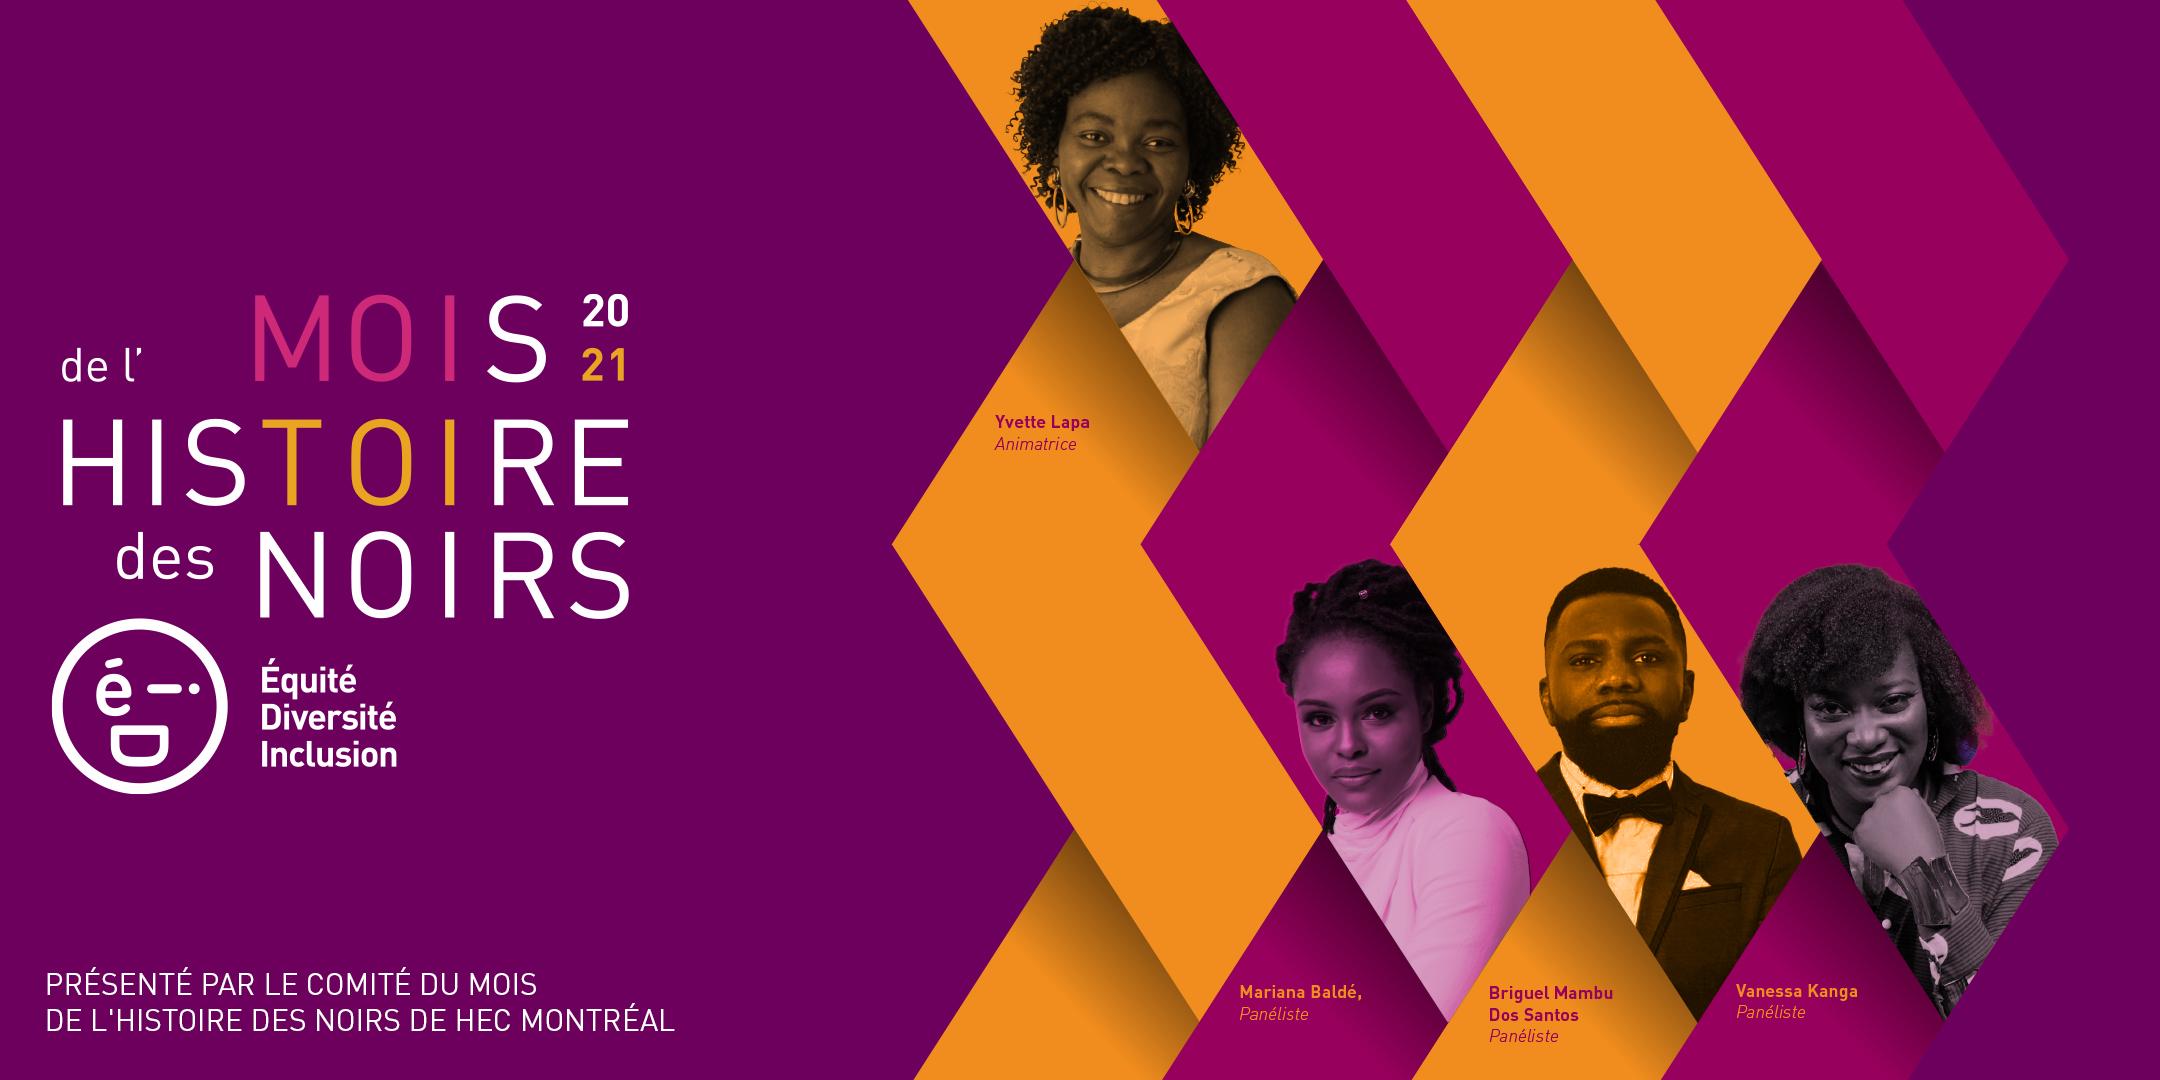 Pour une gestion culturelle diversifiée : valoriser les cultures afro-caribéennes